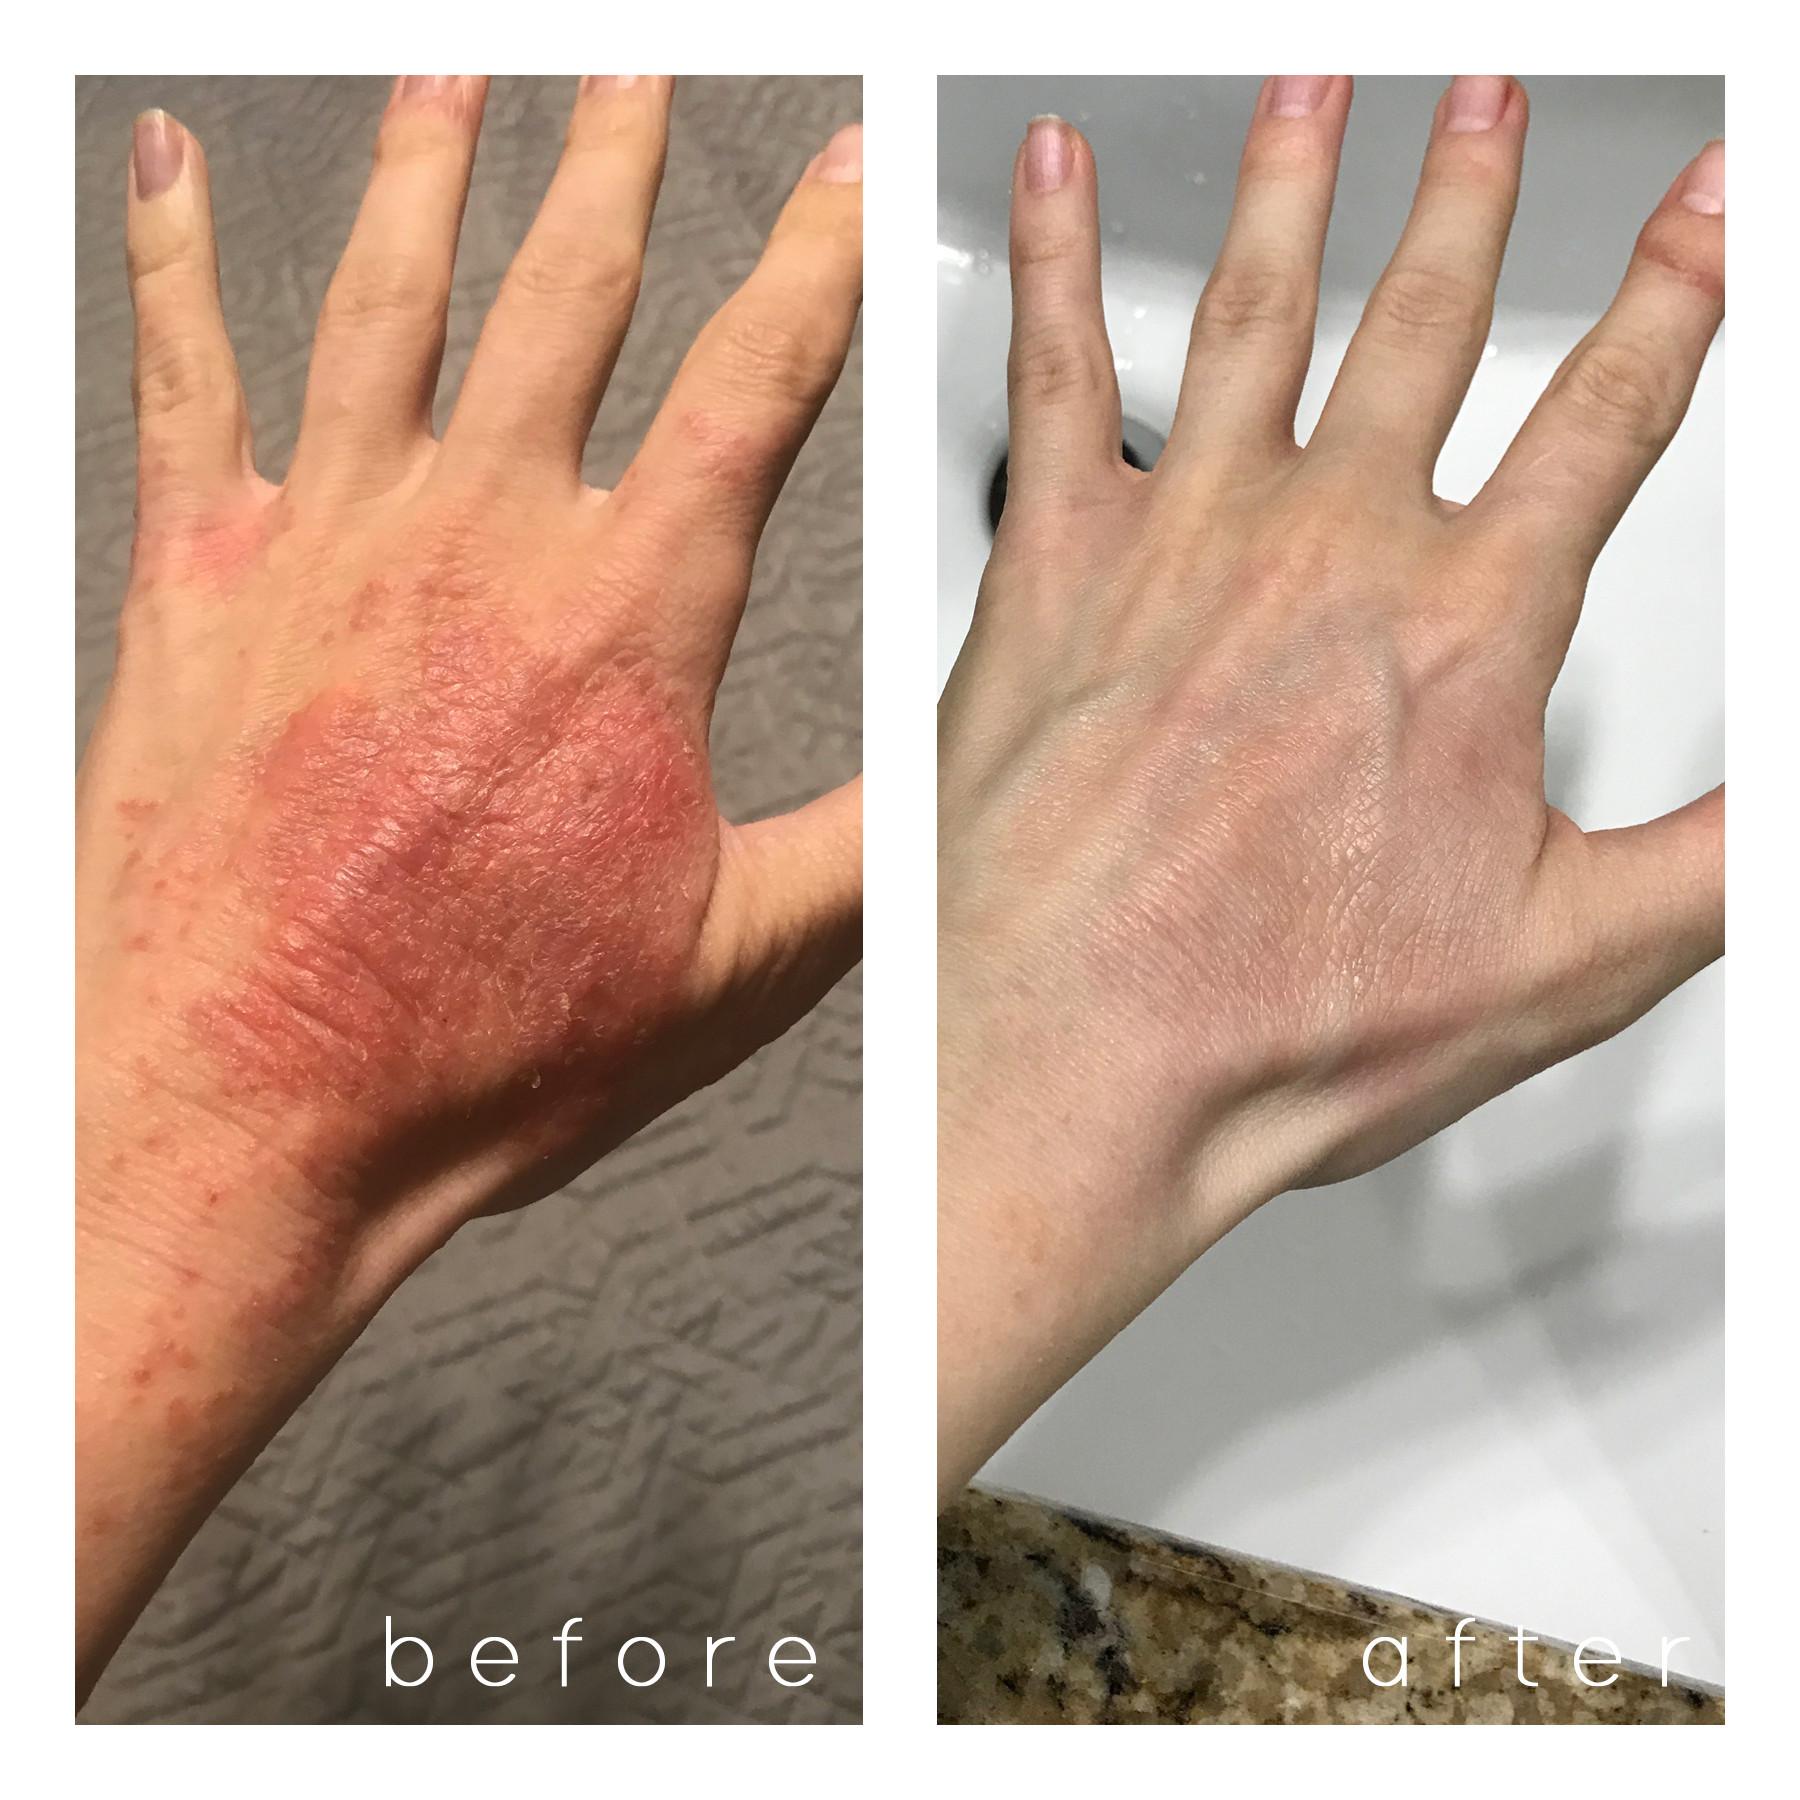 pompholyx eczema (in progress)